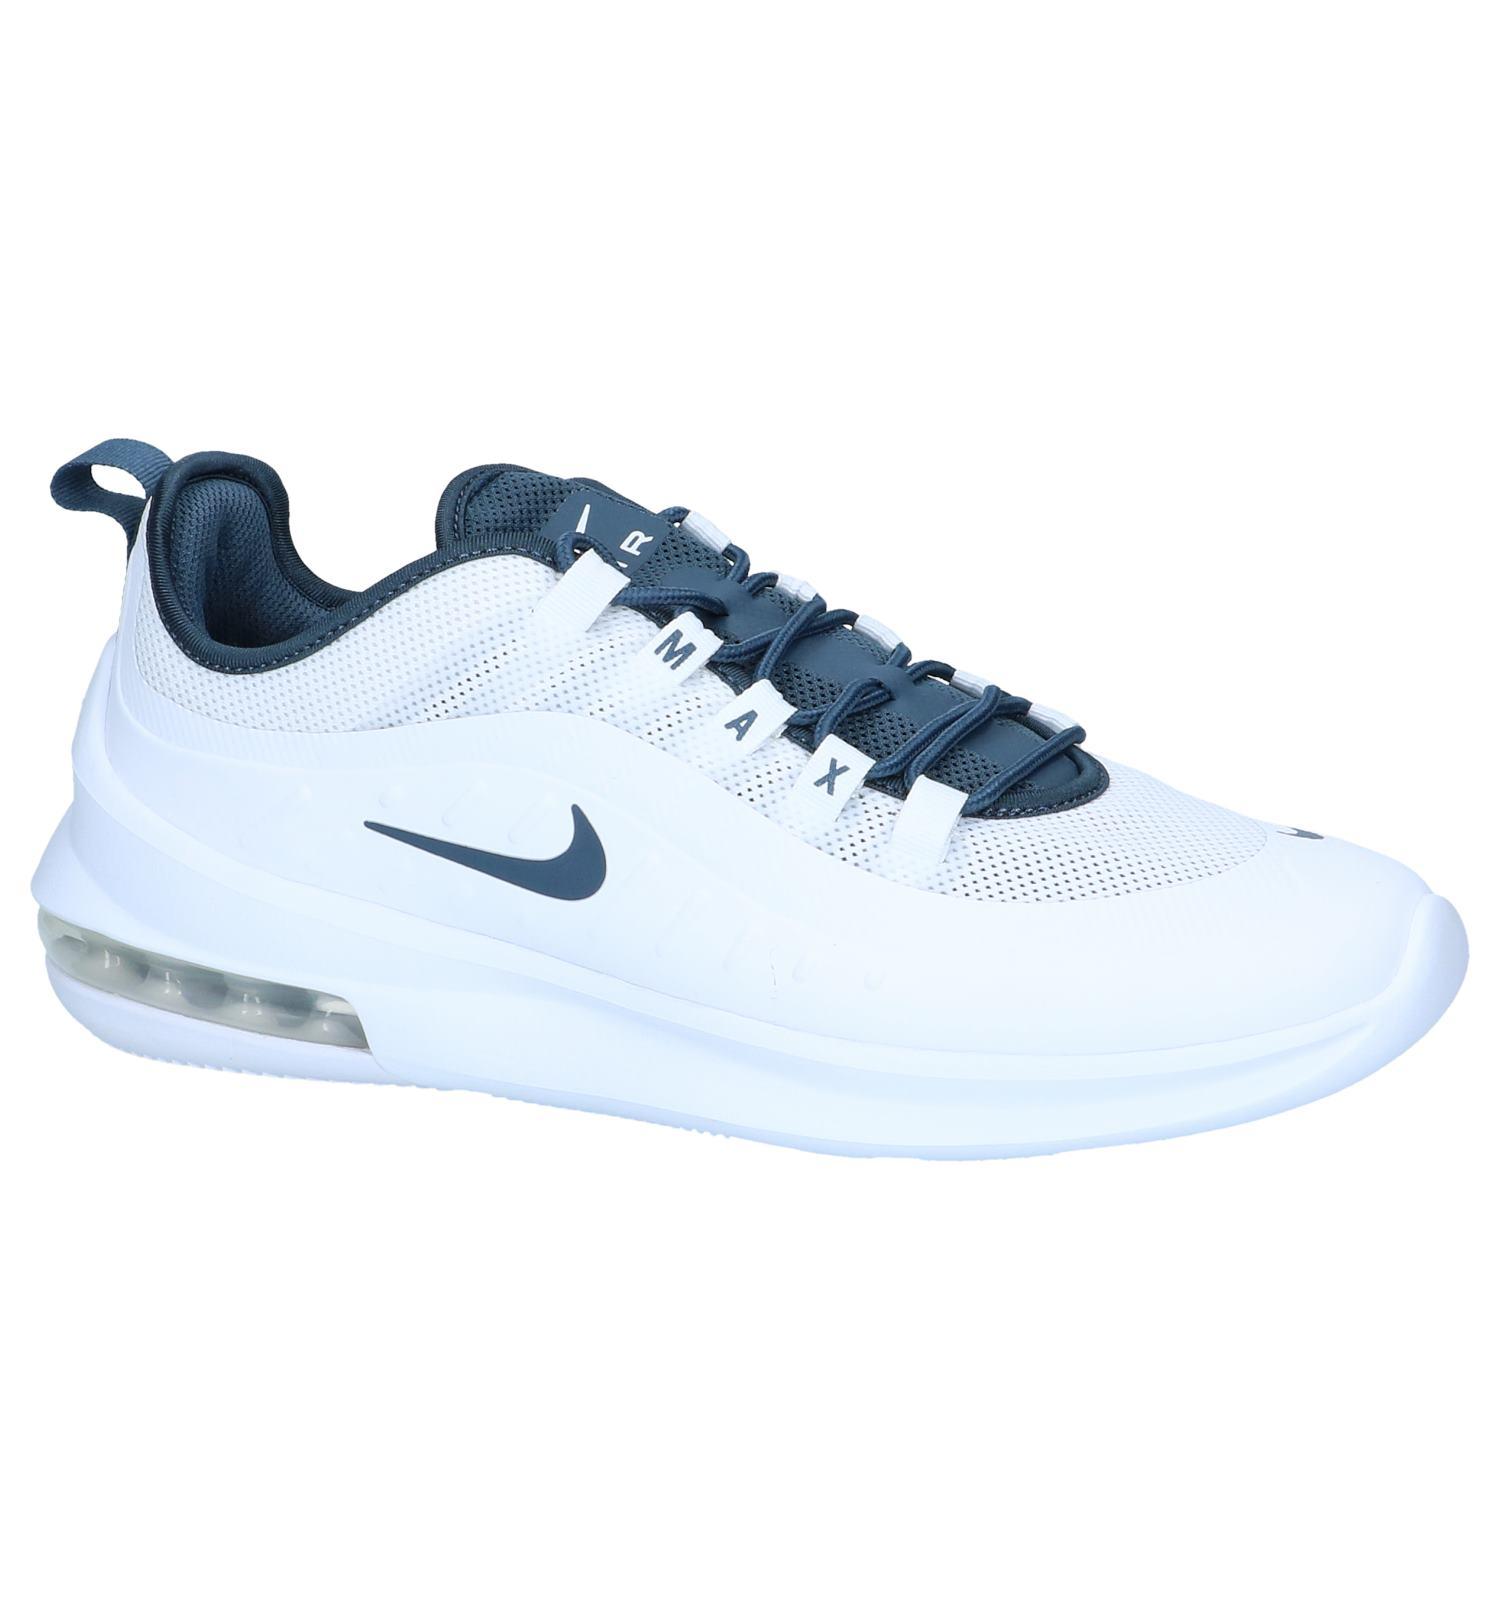 cb80b23c953 Witte Sneakers Nike Air Max Axis   TORFS.BE   Gratis verzend en retour